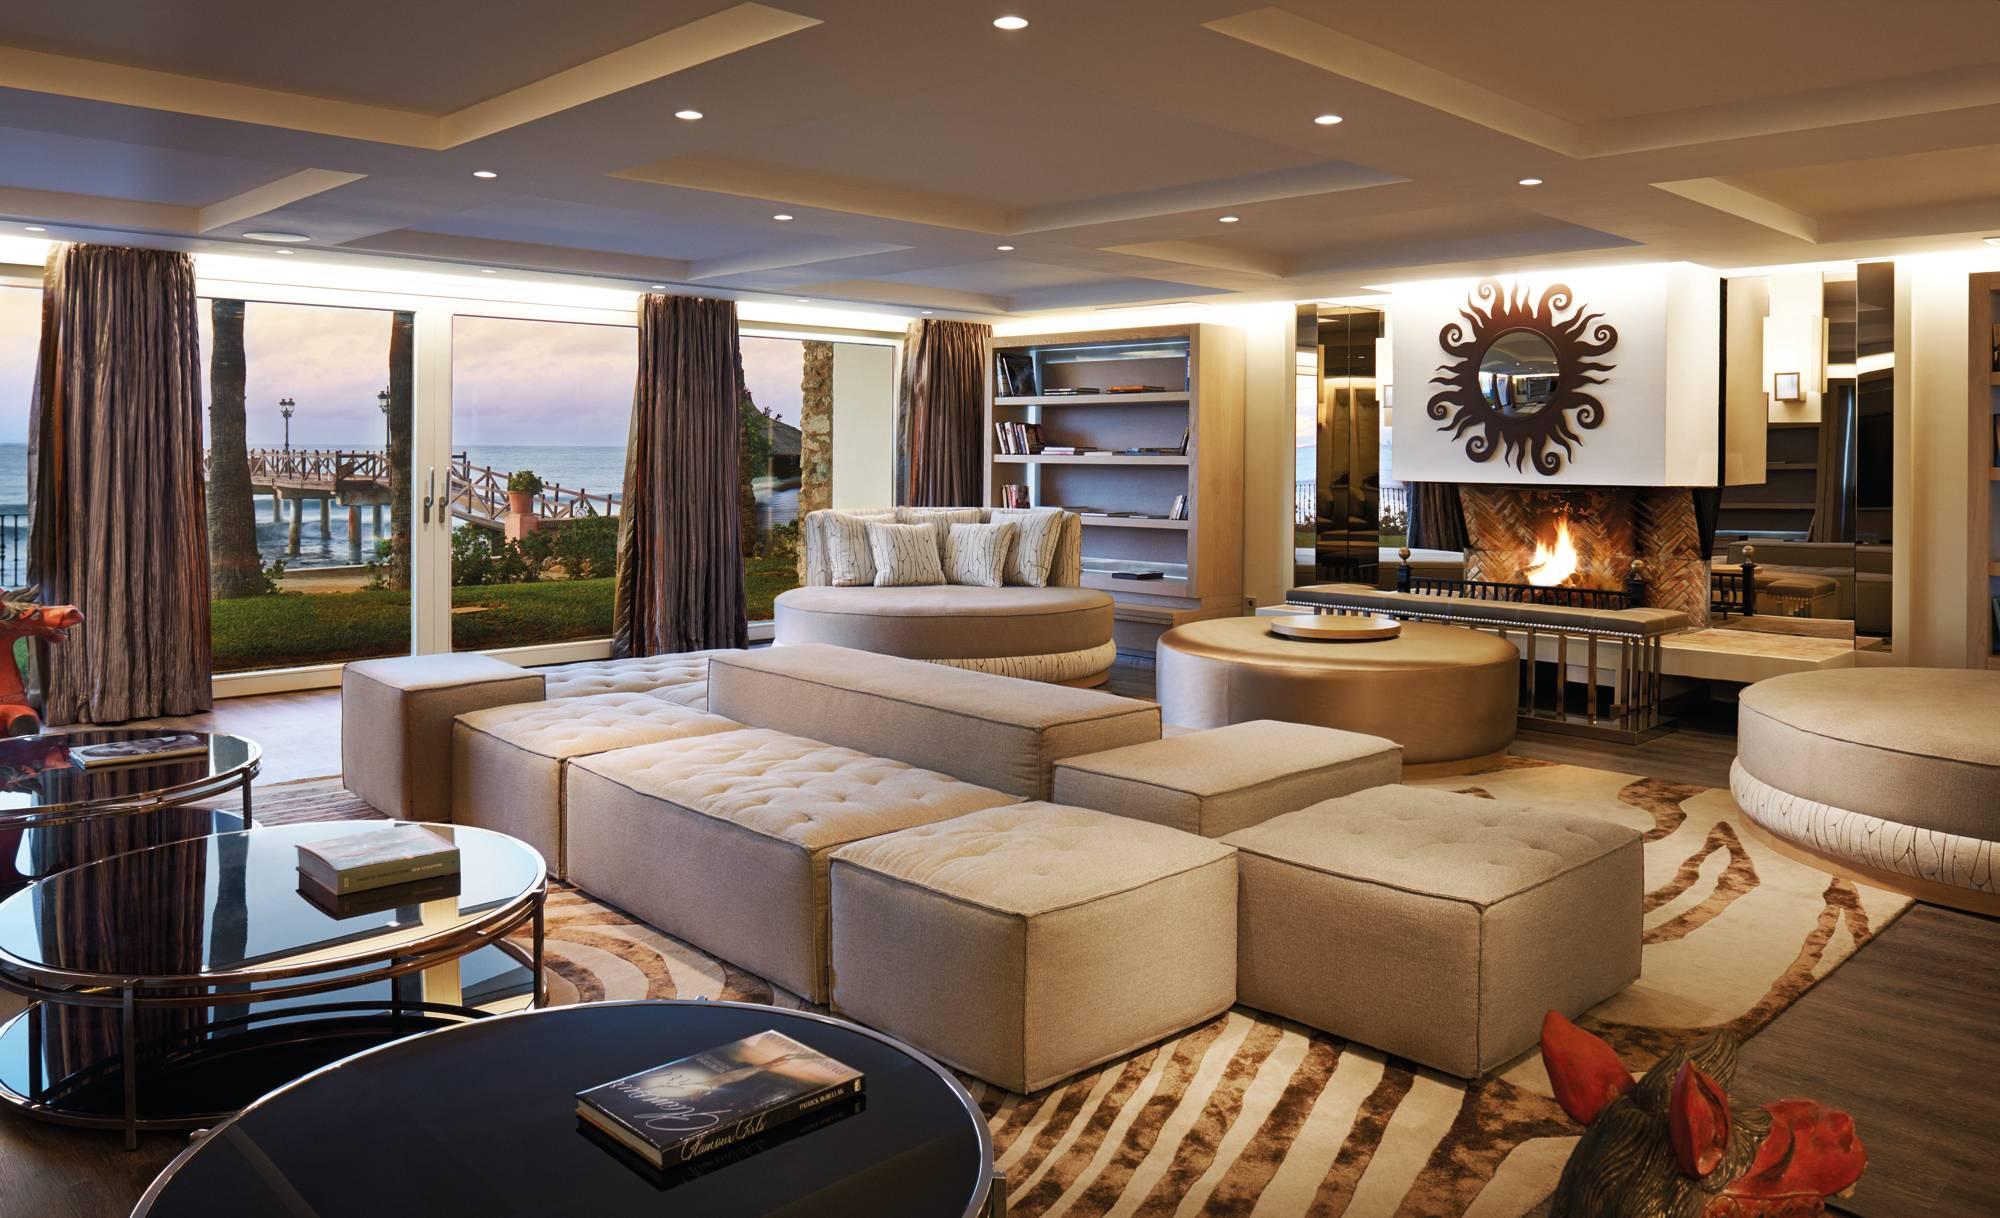 Marbella Club Villa del Mar - Basement Livingroom fireplace